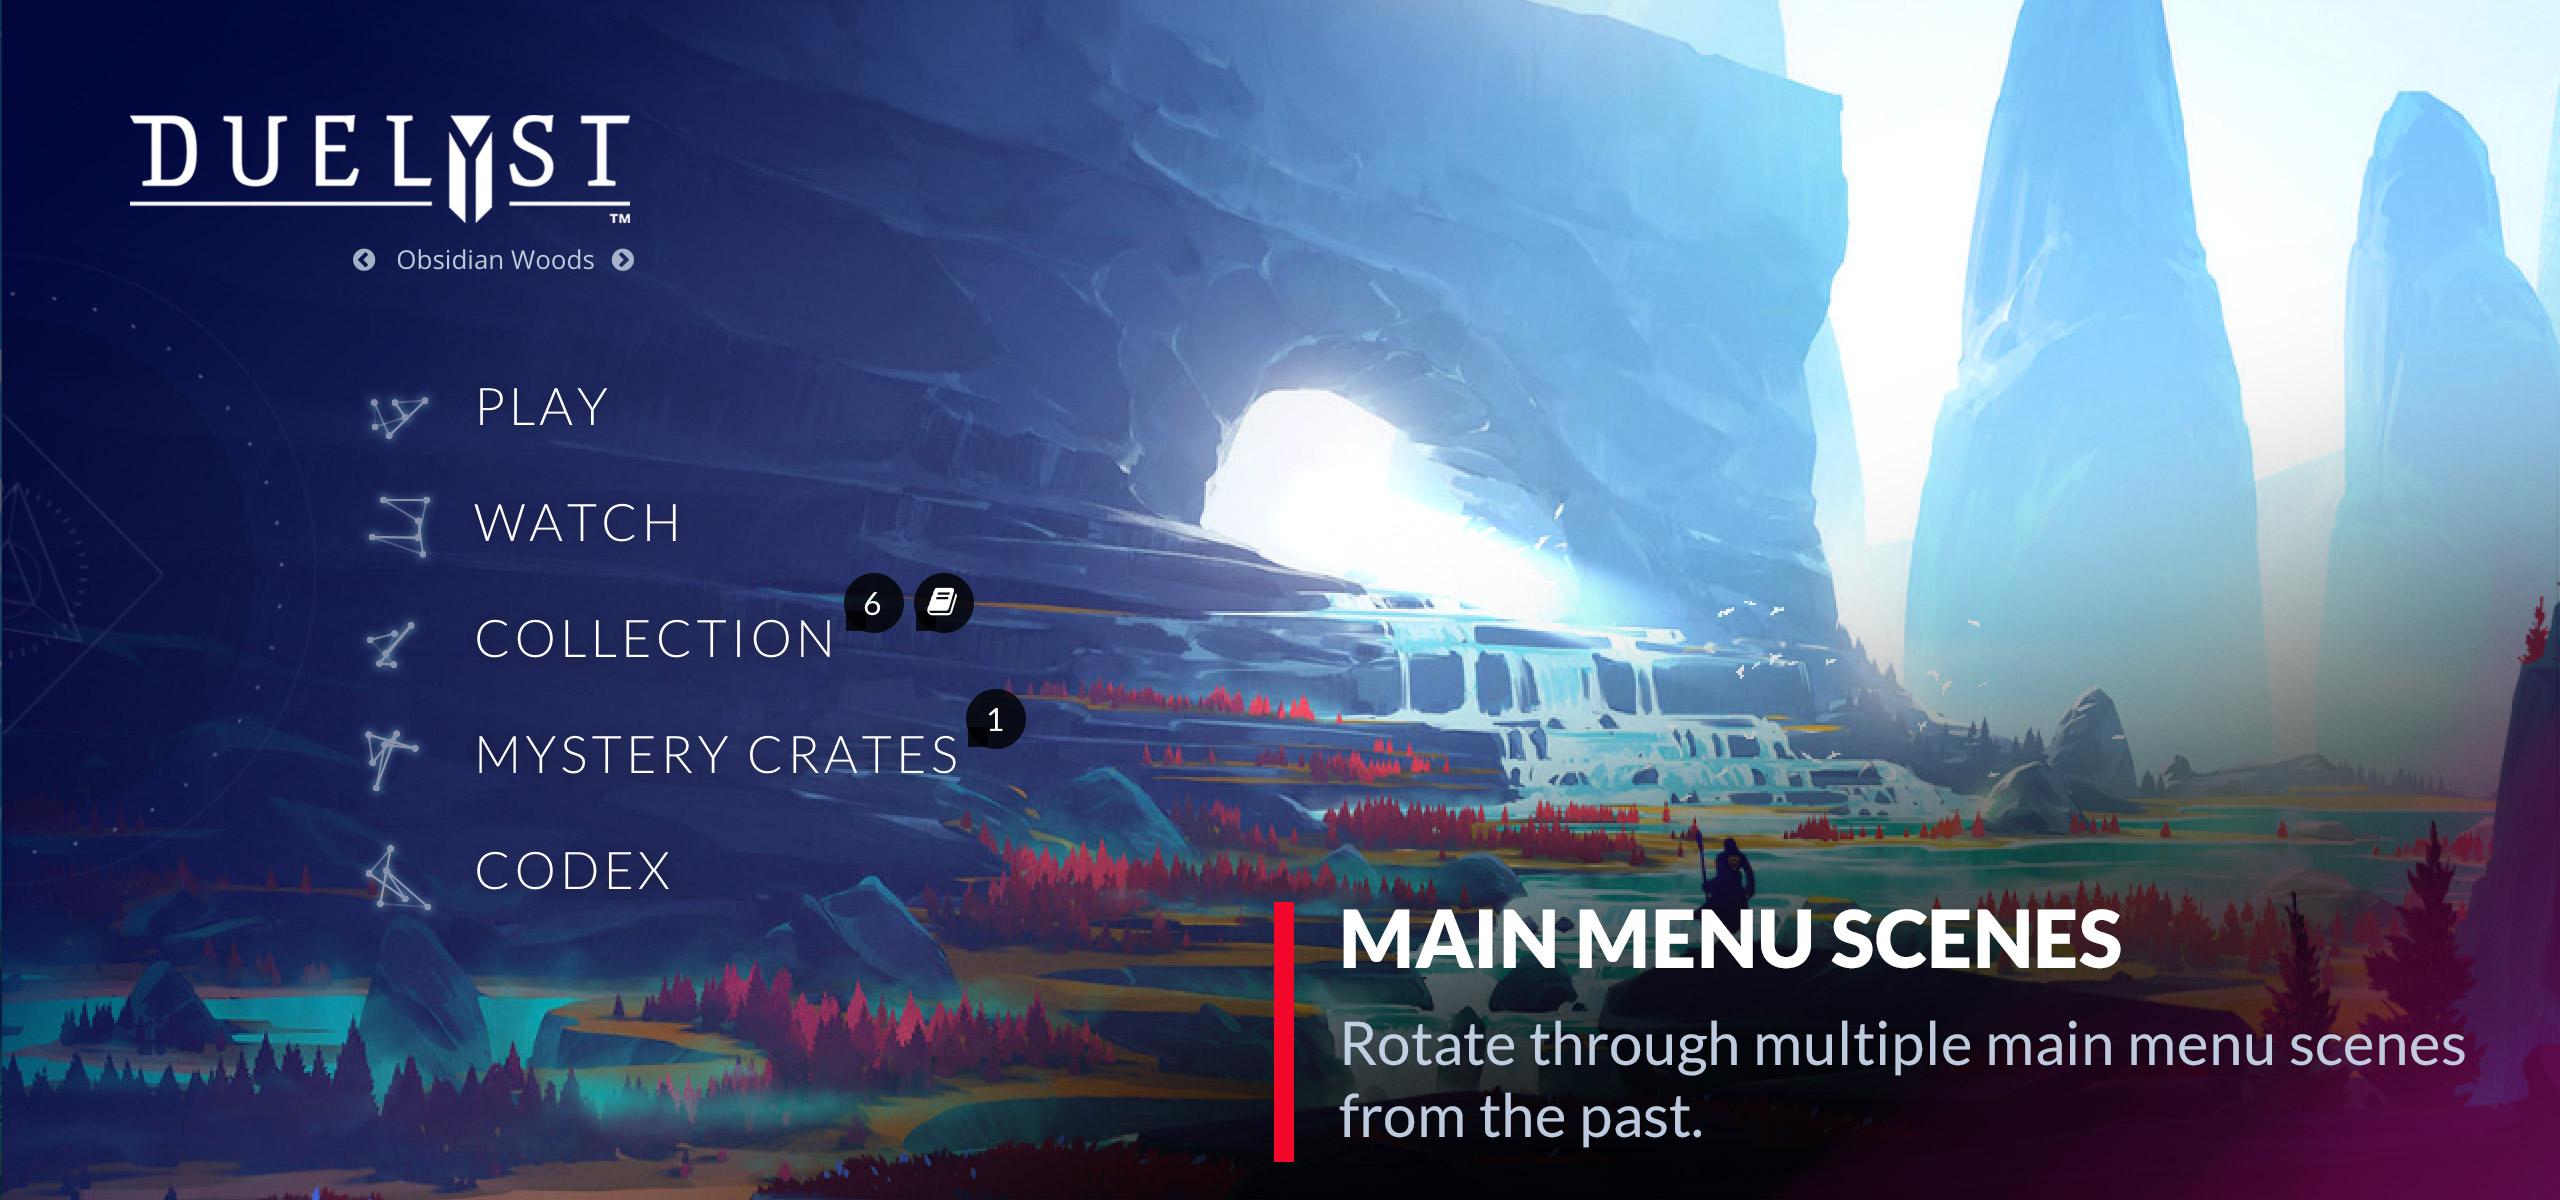 main_menu_scenes